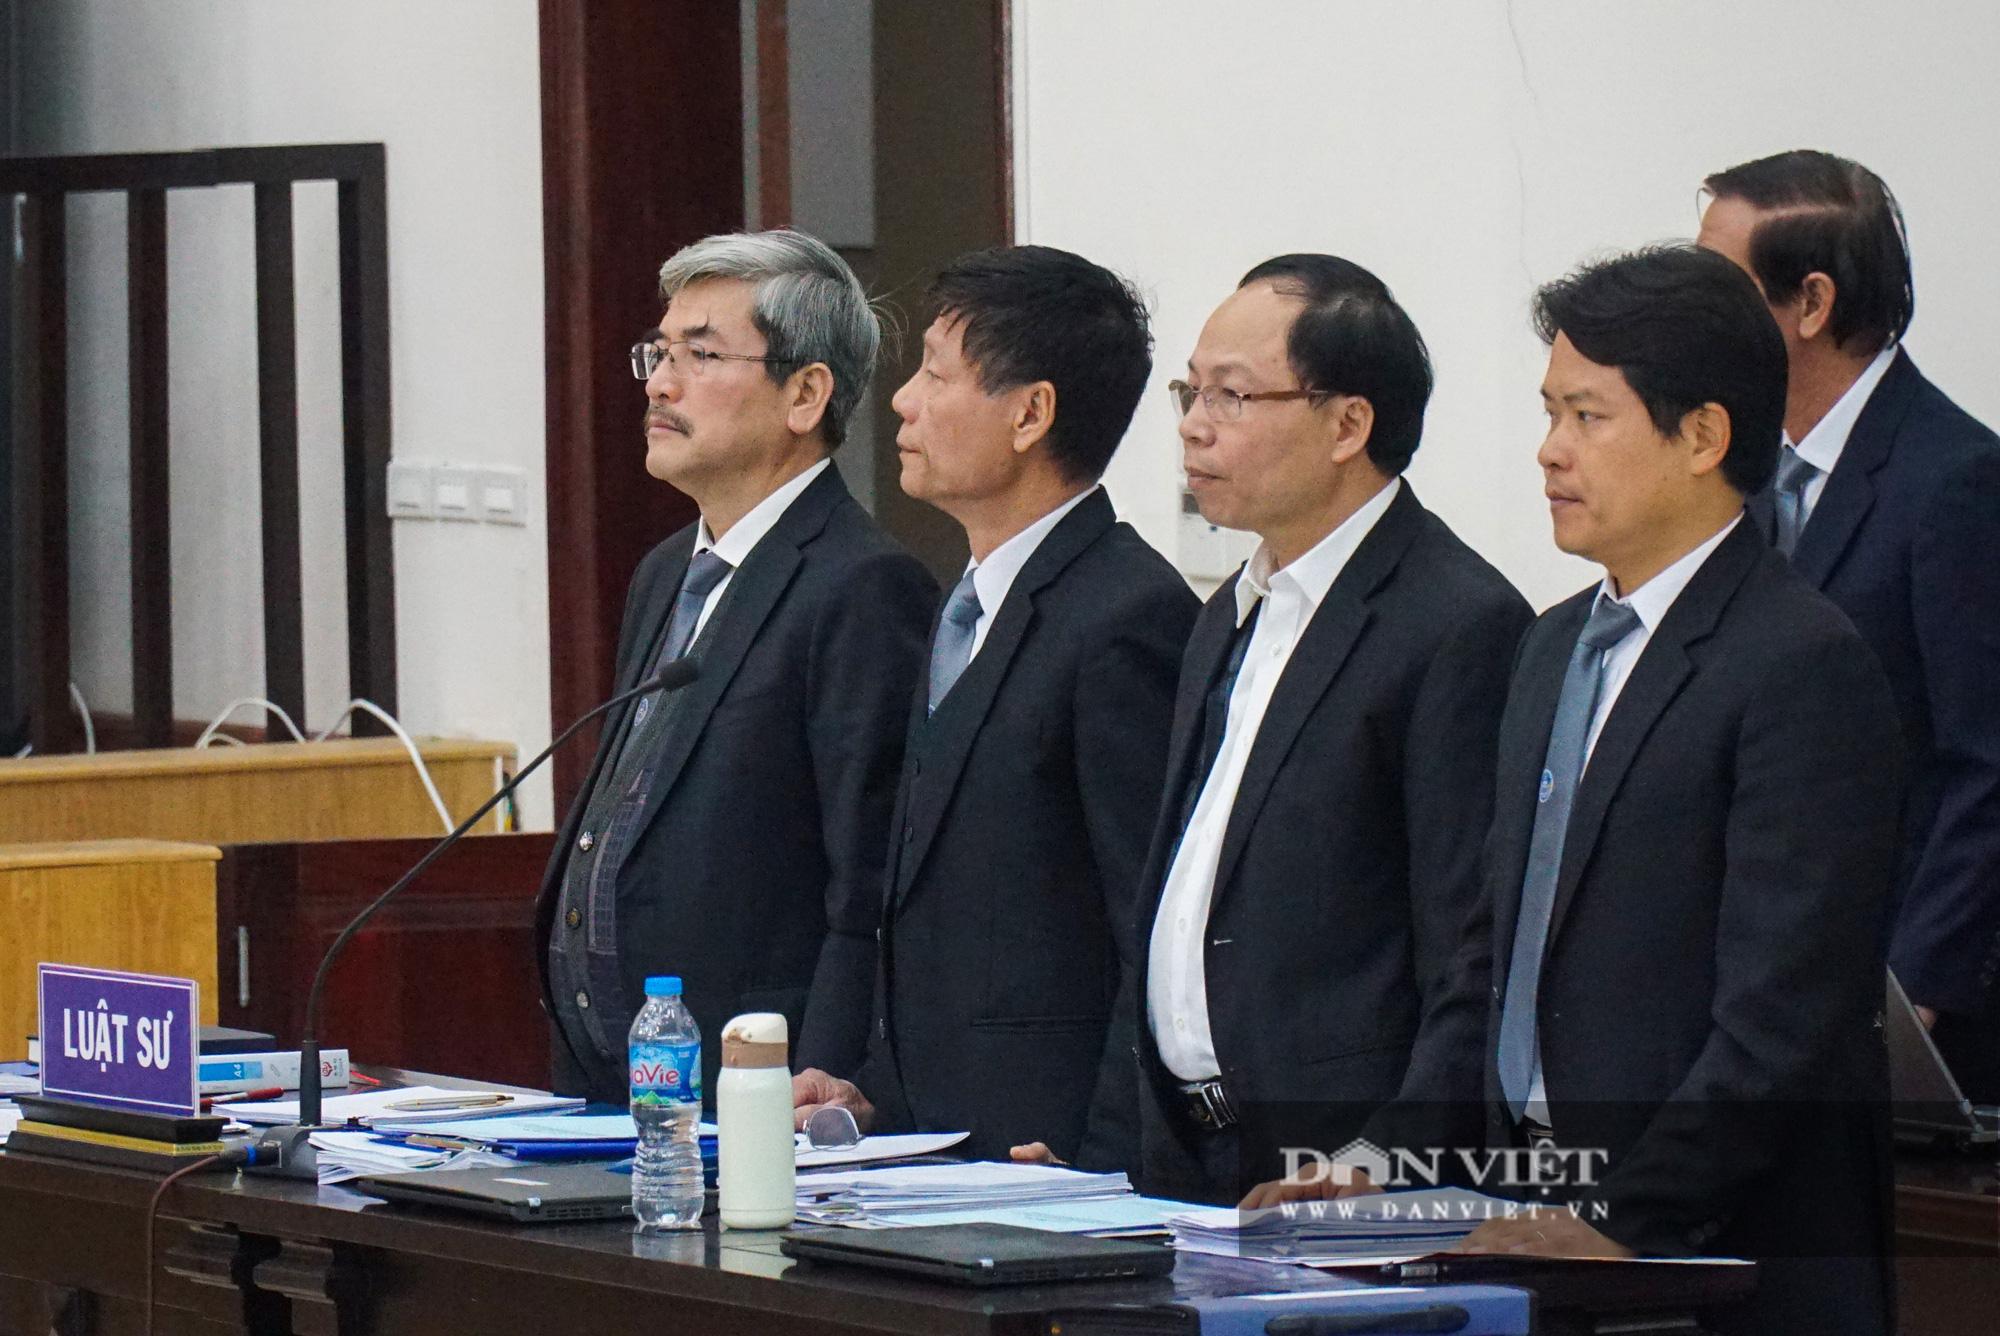 Cự Bộ trưởng Công thương nhờ luật sư dìu vào phiên tòa xét xử   - Ảnh 4.